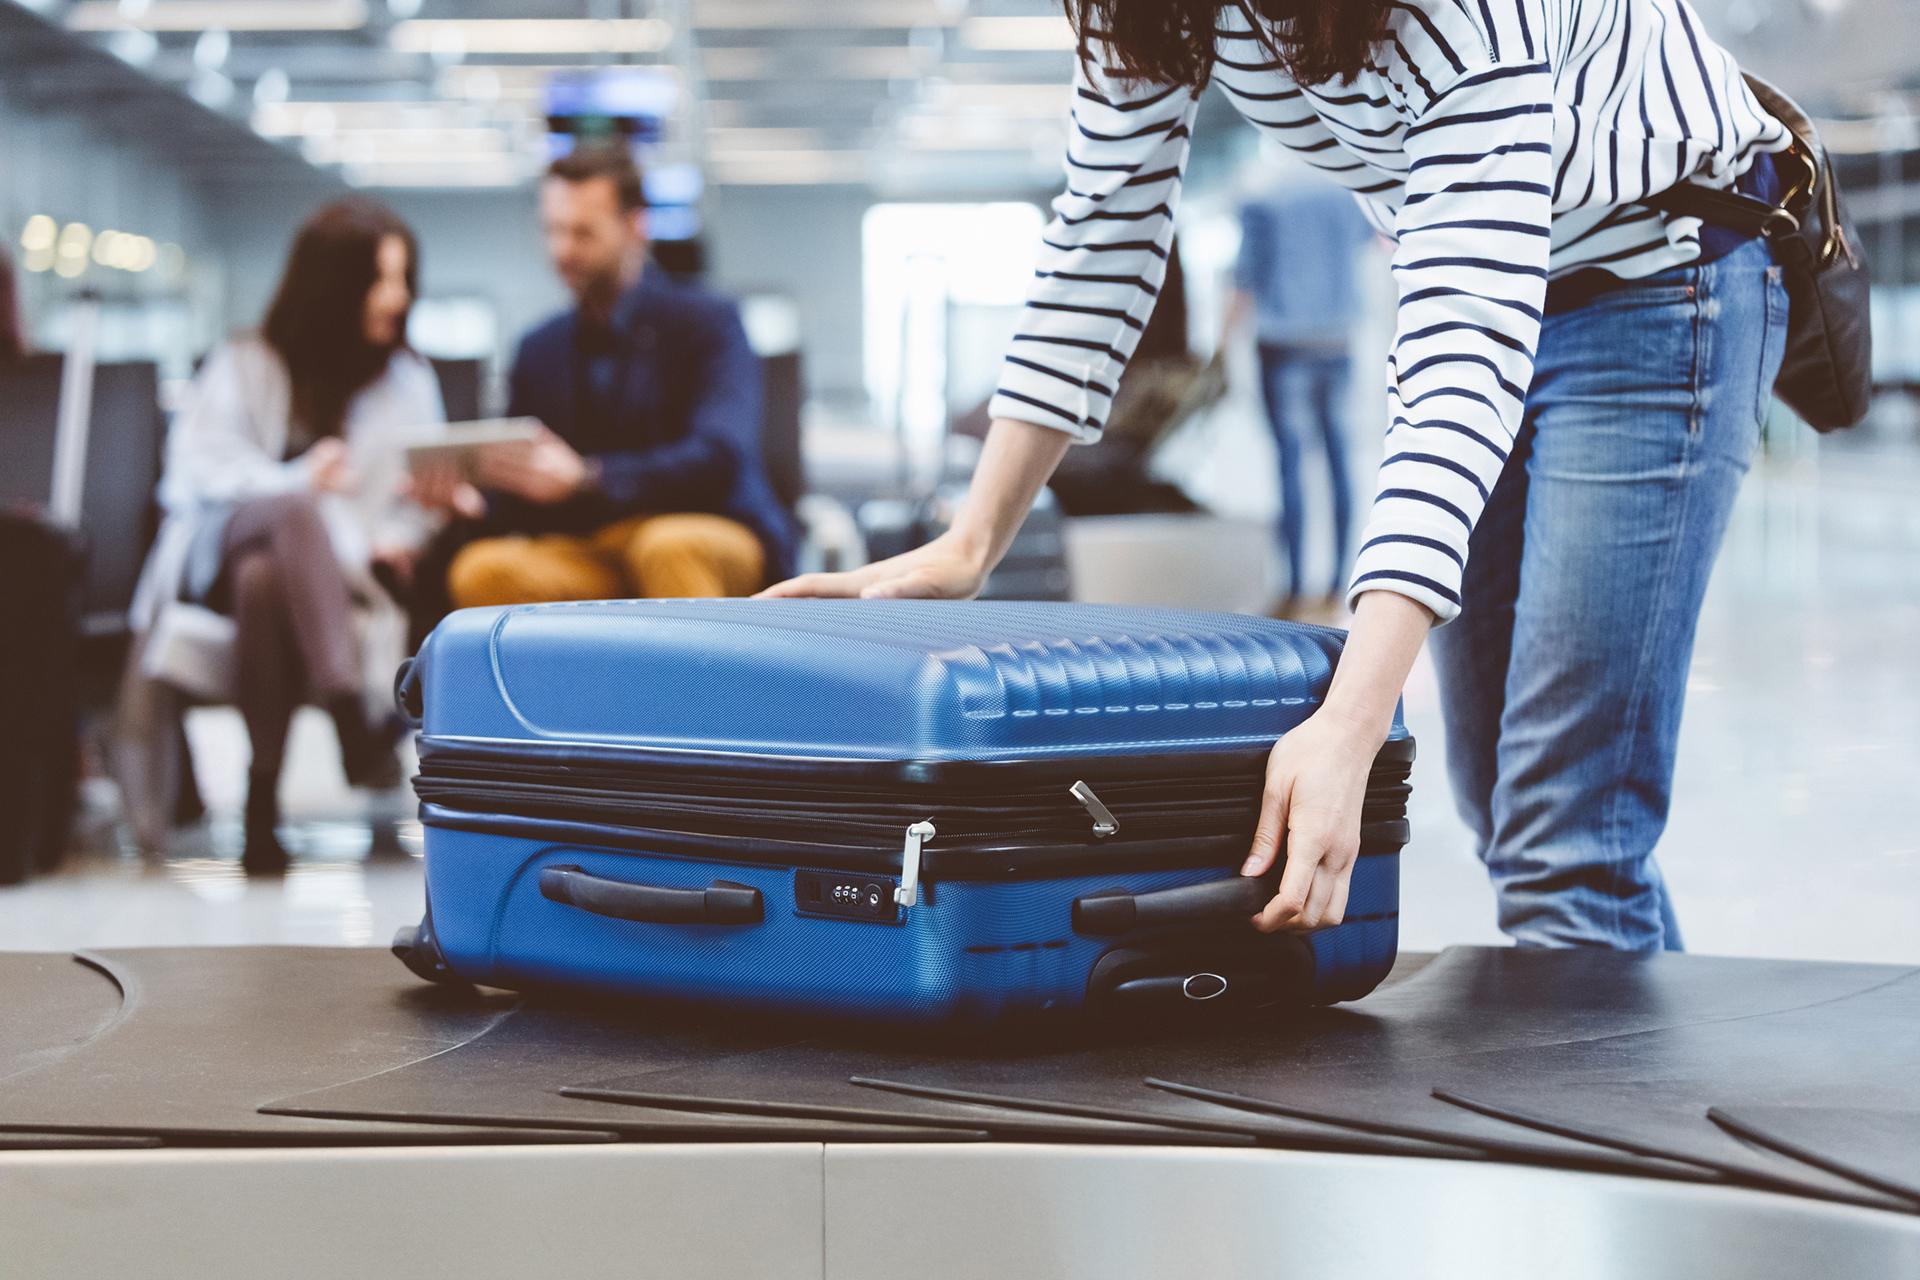 Azul lança campanha para ajudar Clientes a organizarem melhor suas bagagens